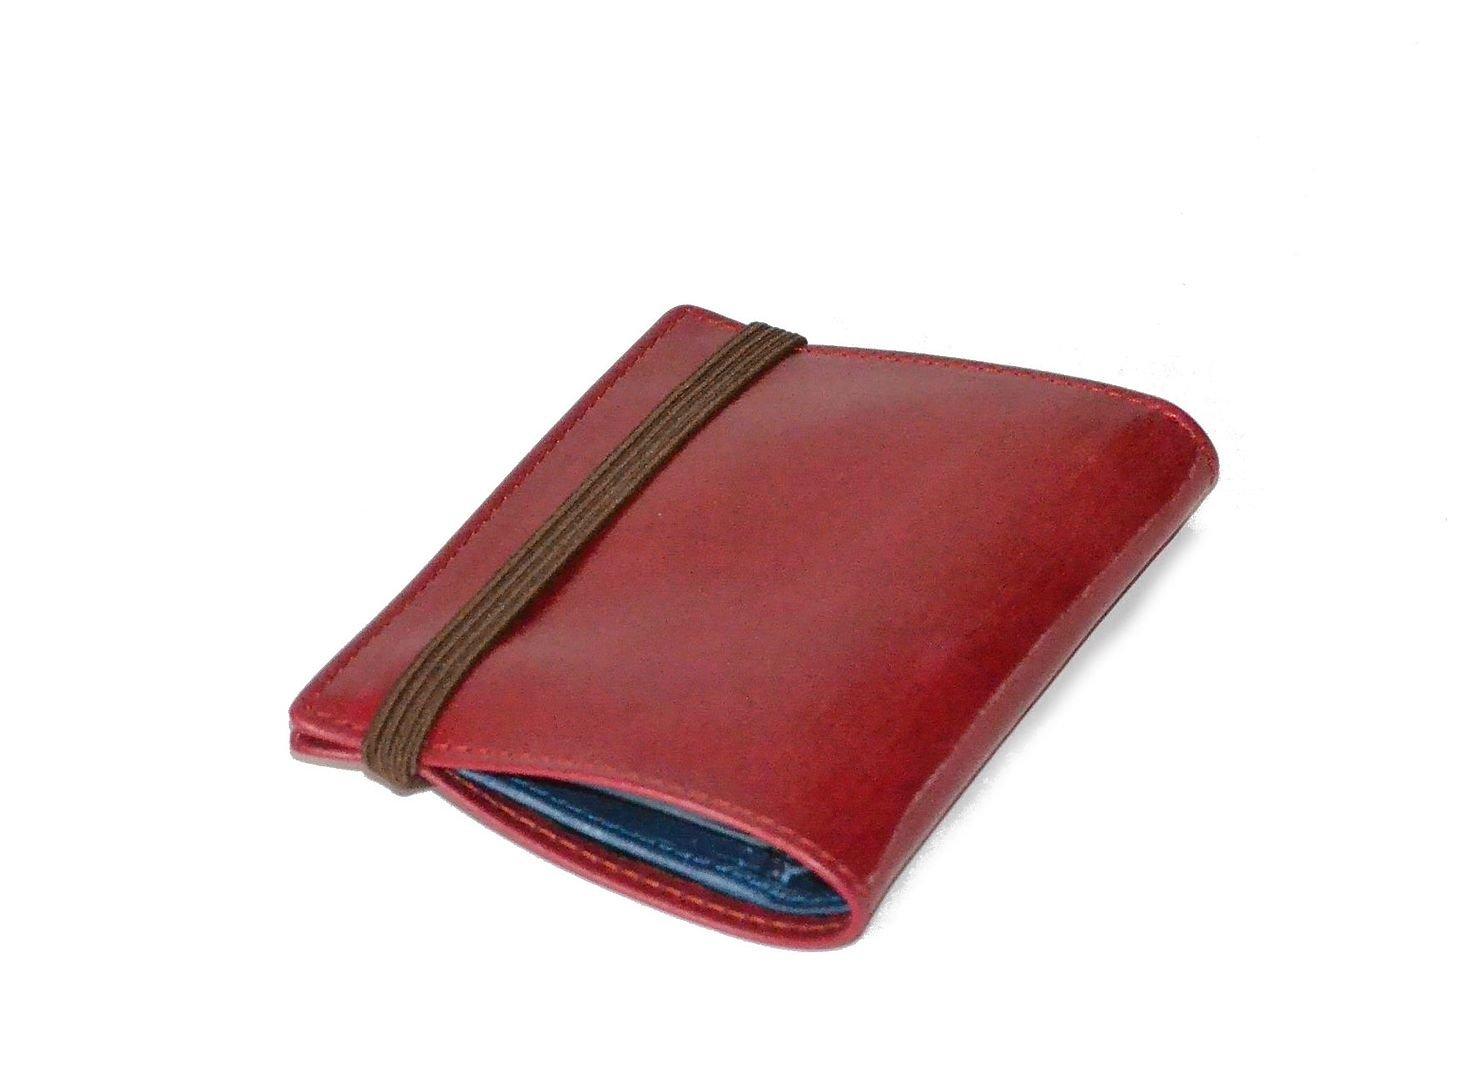 PIAMONTE, 720 classics, cartera pequeña con monedero rojo y azul.: Amazon.es: Equipaje